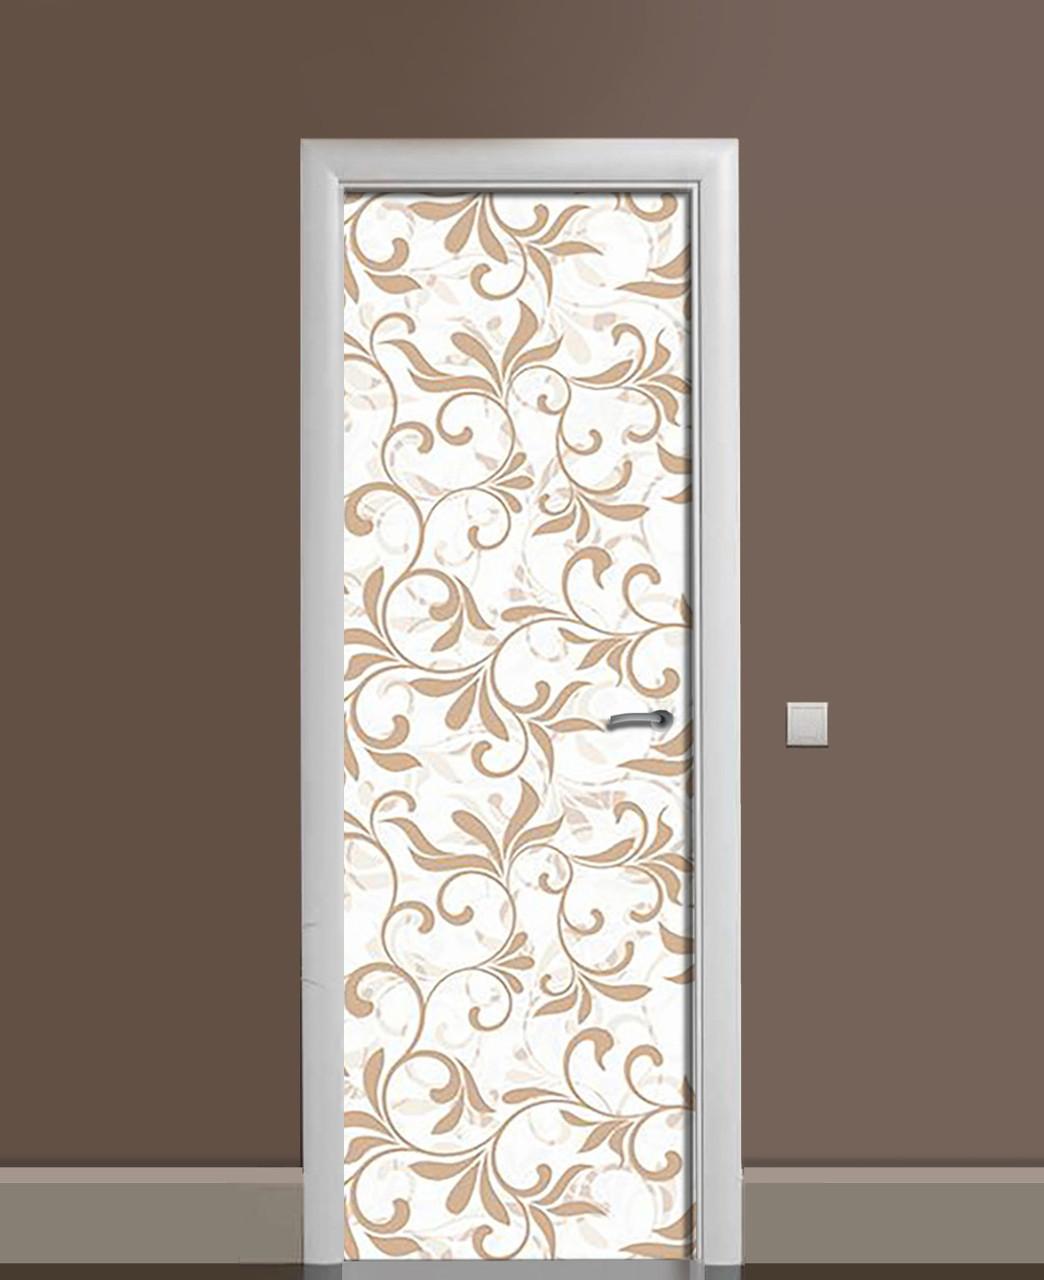 Виниловые наклейки на дверь Вензель ботаники Узоры ПВХ пленка с ламинацией 65*200см Абстракция Бежевый